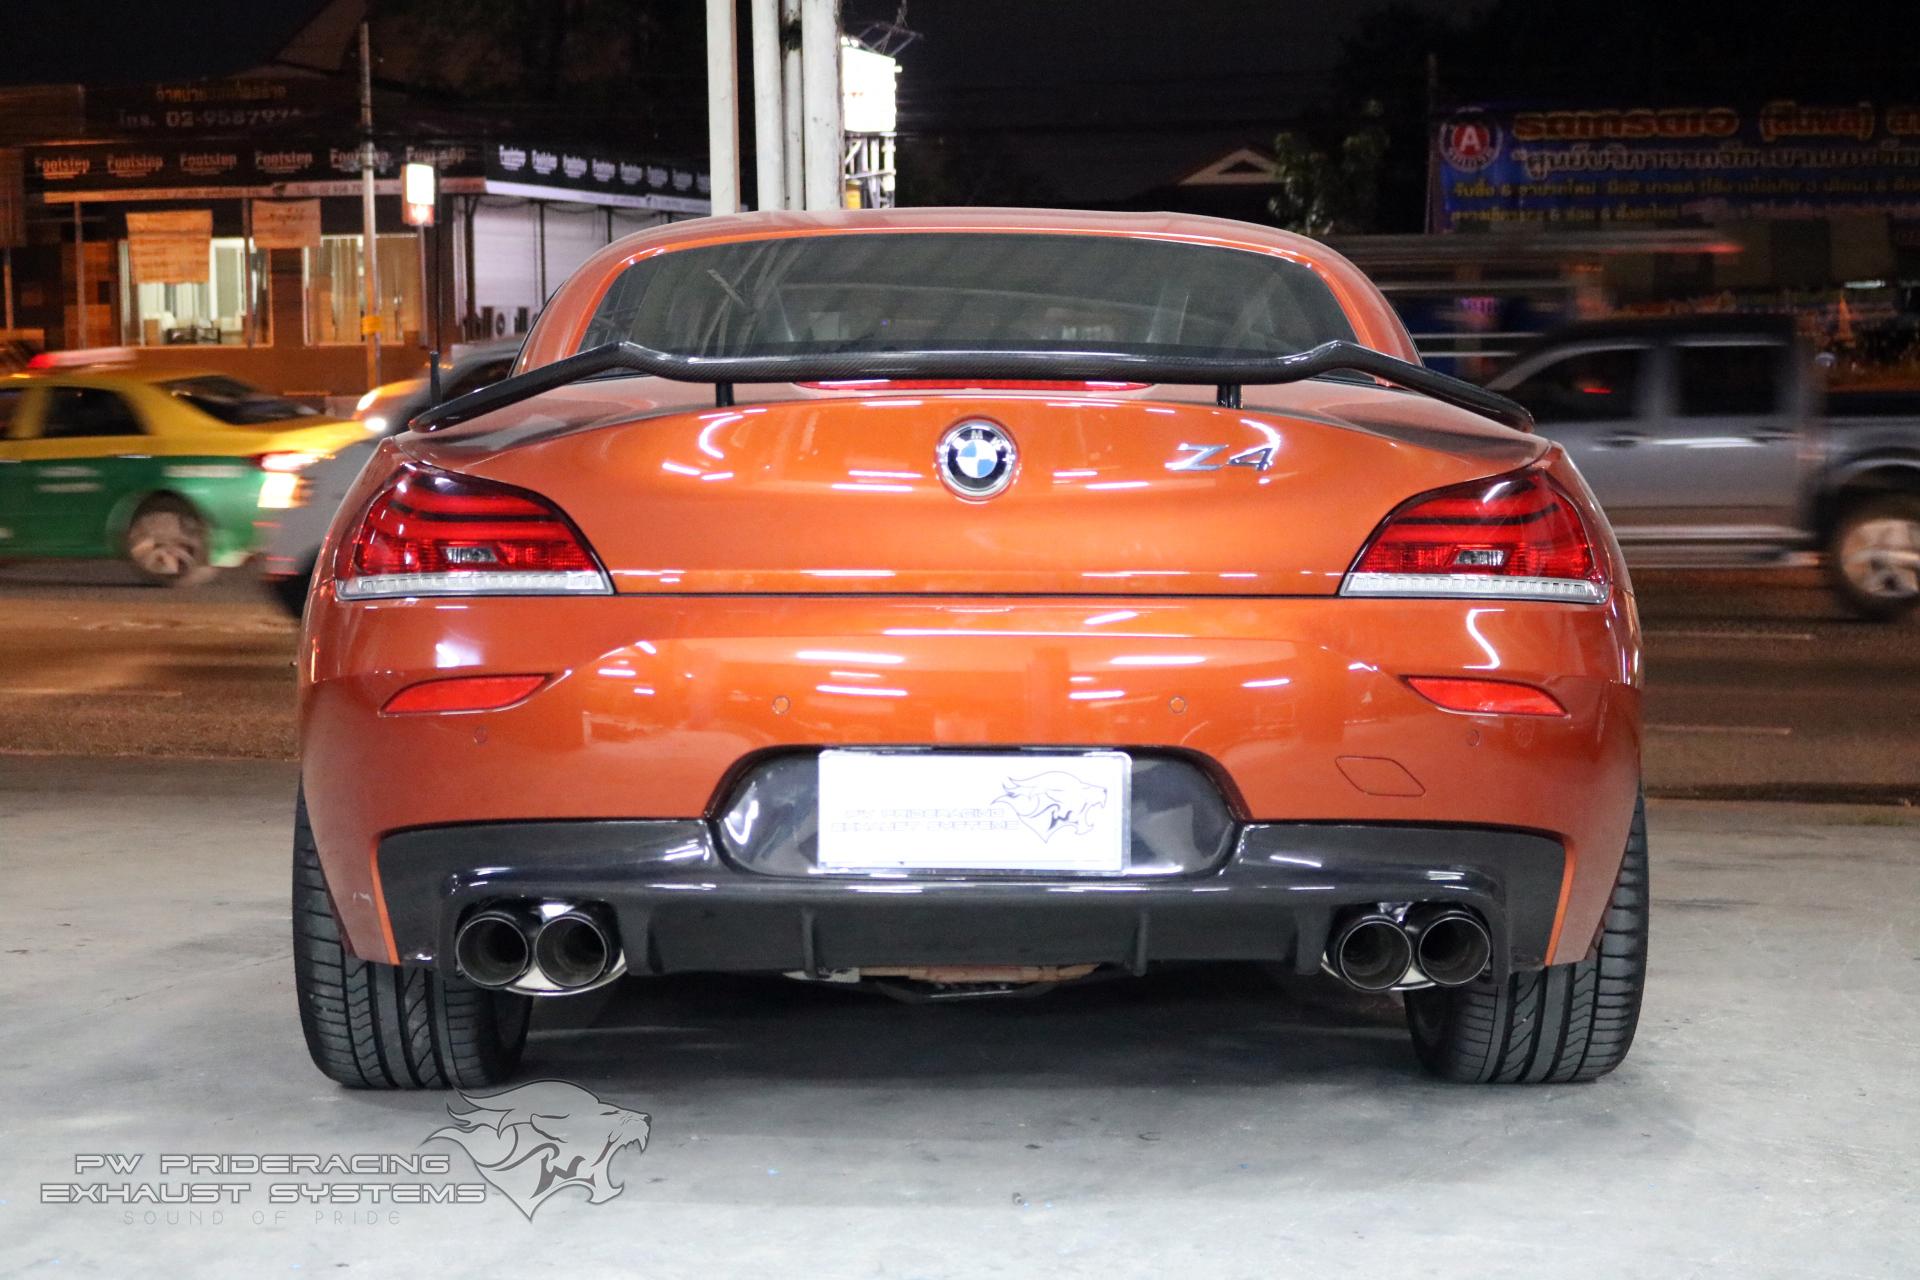 ชุดท่อไอเสีย BMW Z4 by PW PrideRacing